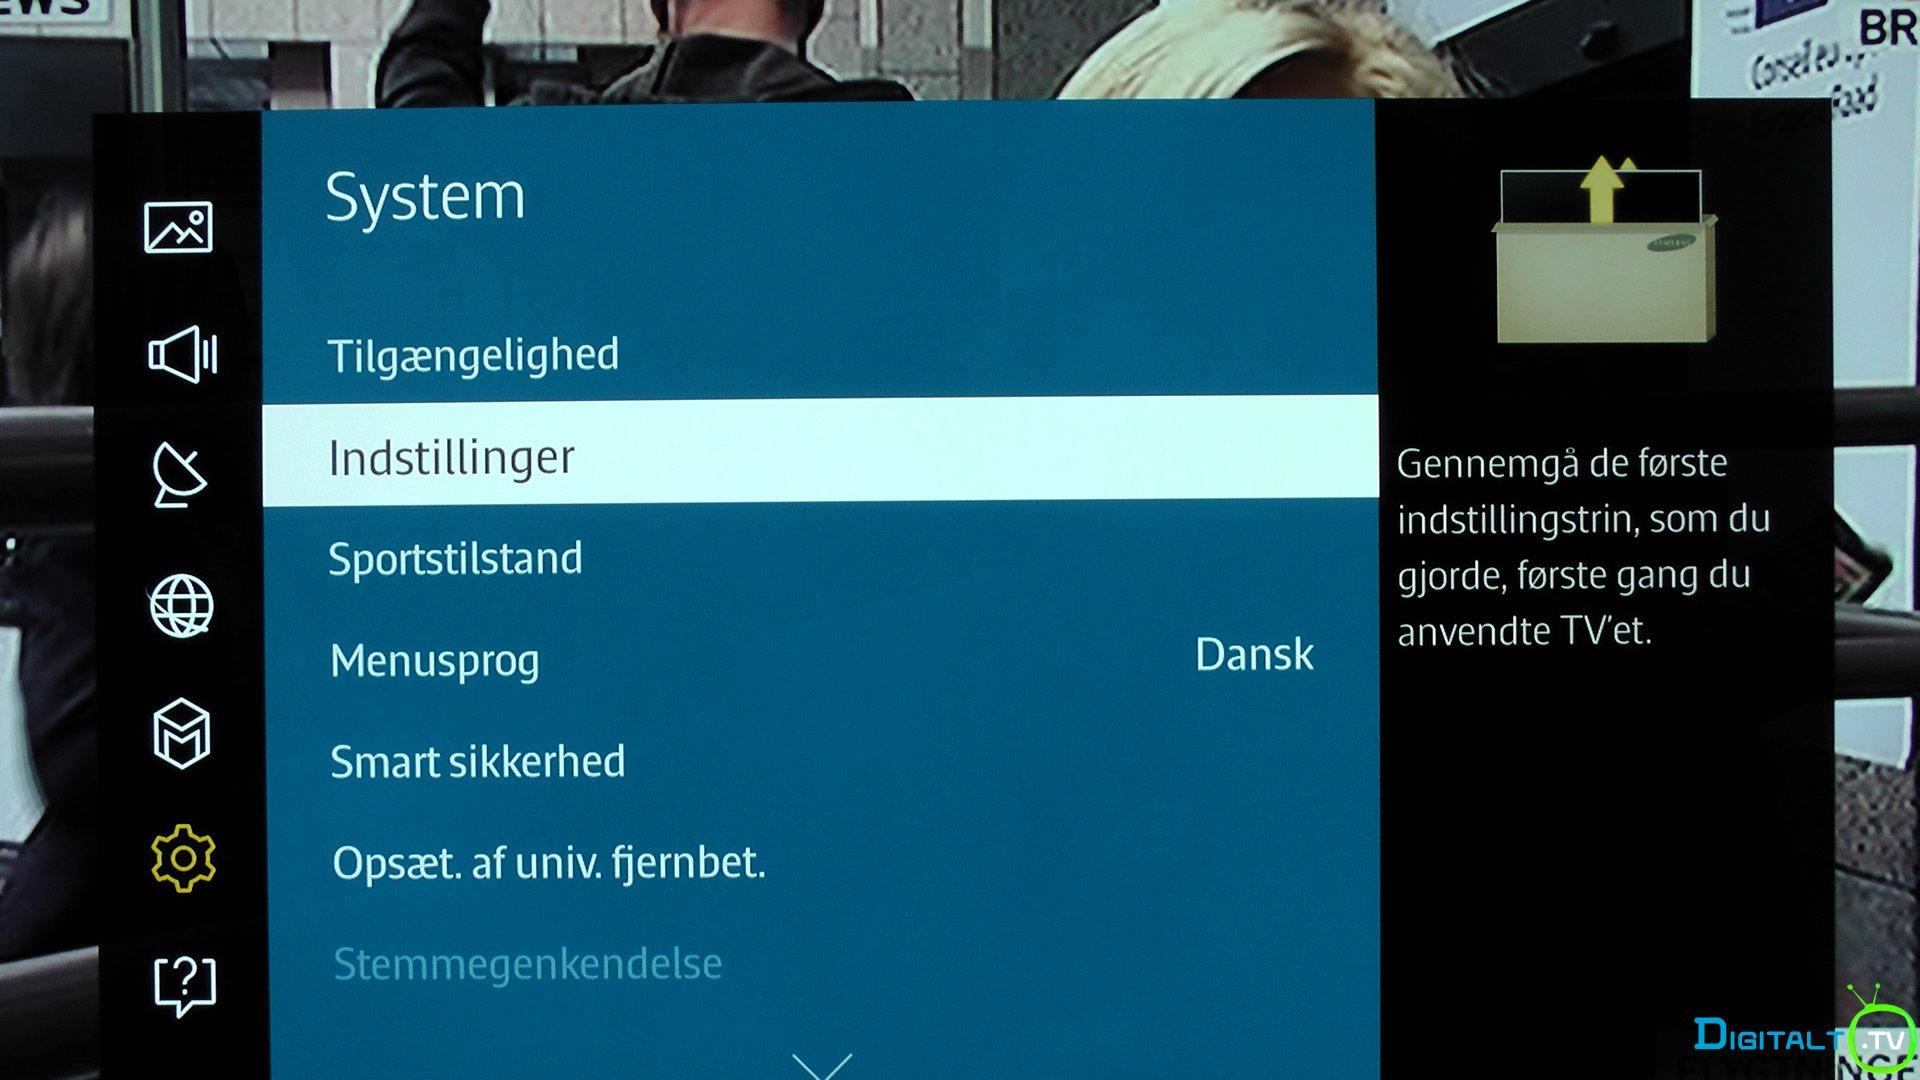 Samsung system indstillinger menu